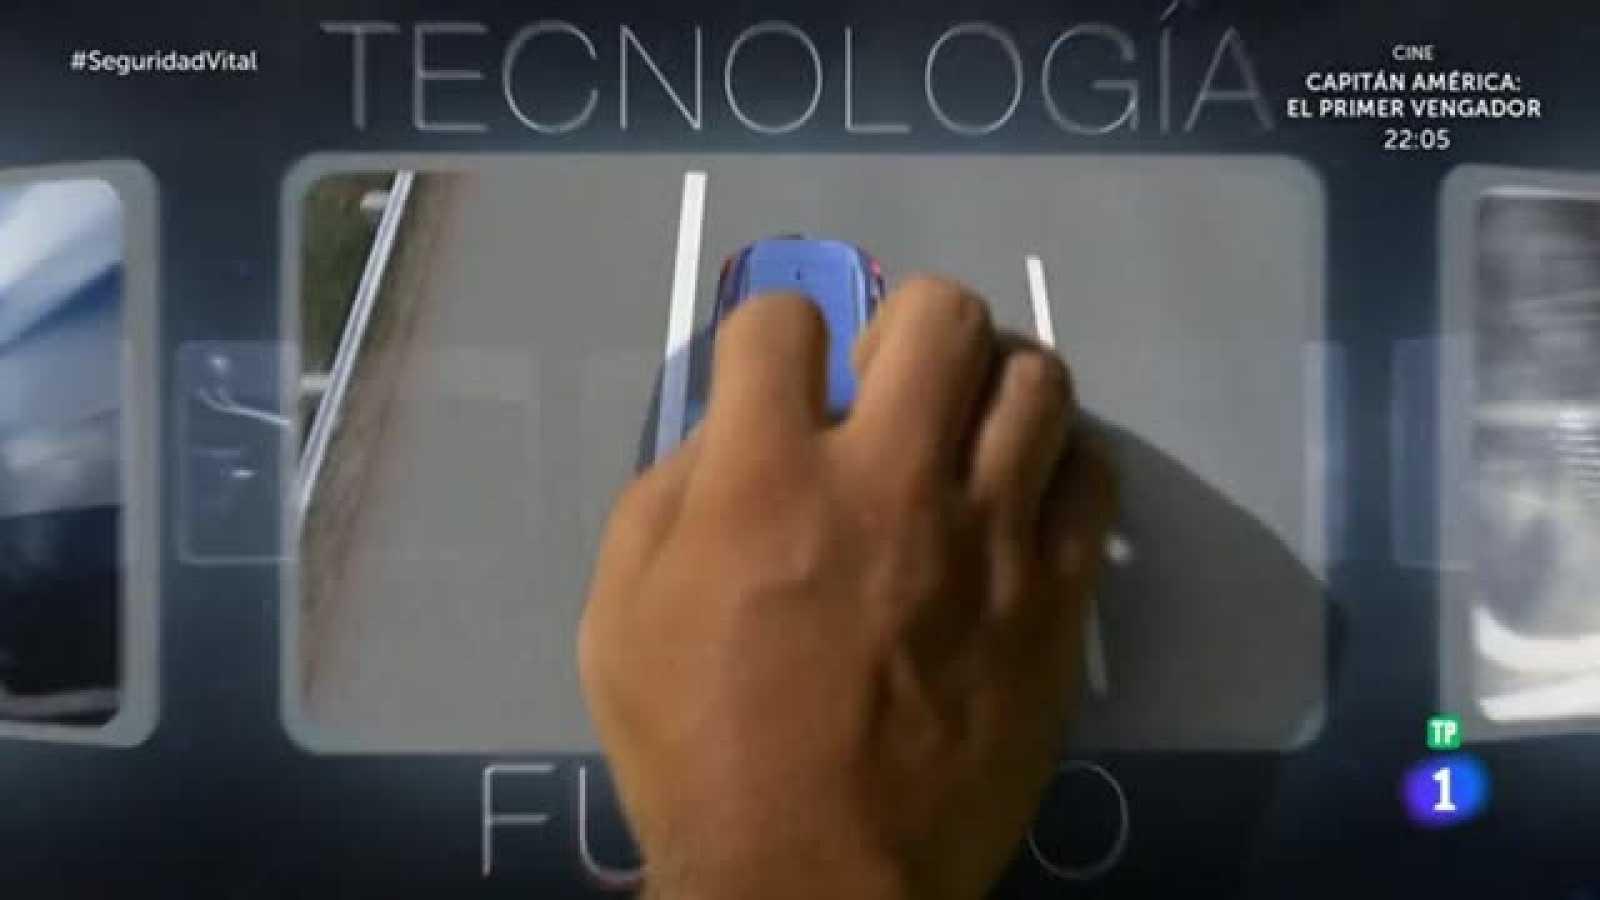 'Tecnología y Futuro' - App de partes amistosos y mucho más